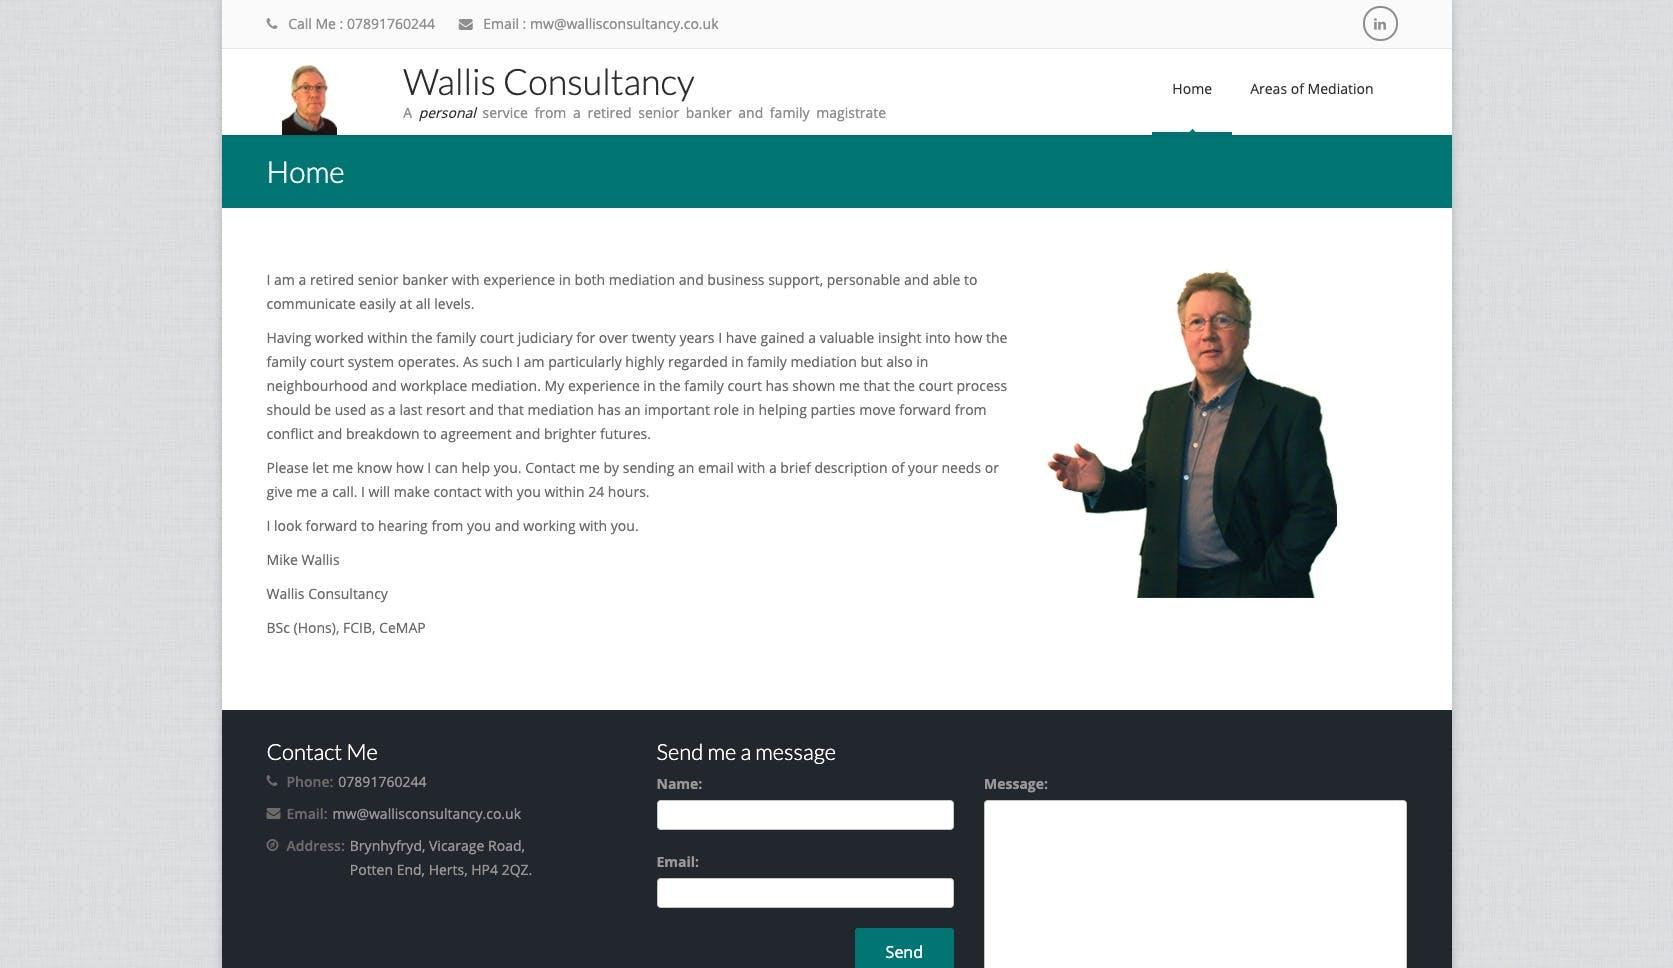 Current Wallis Consultancy website